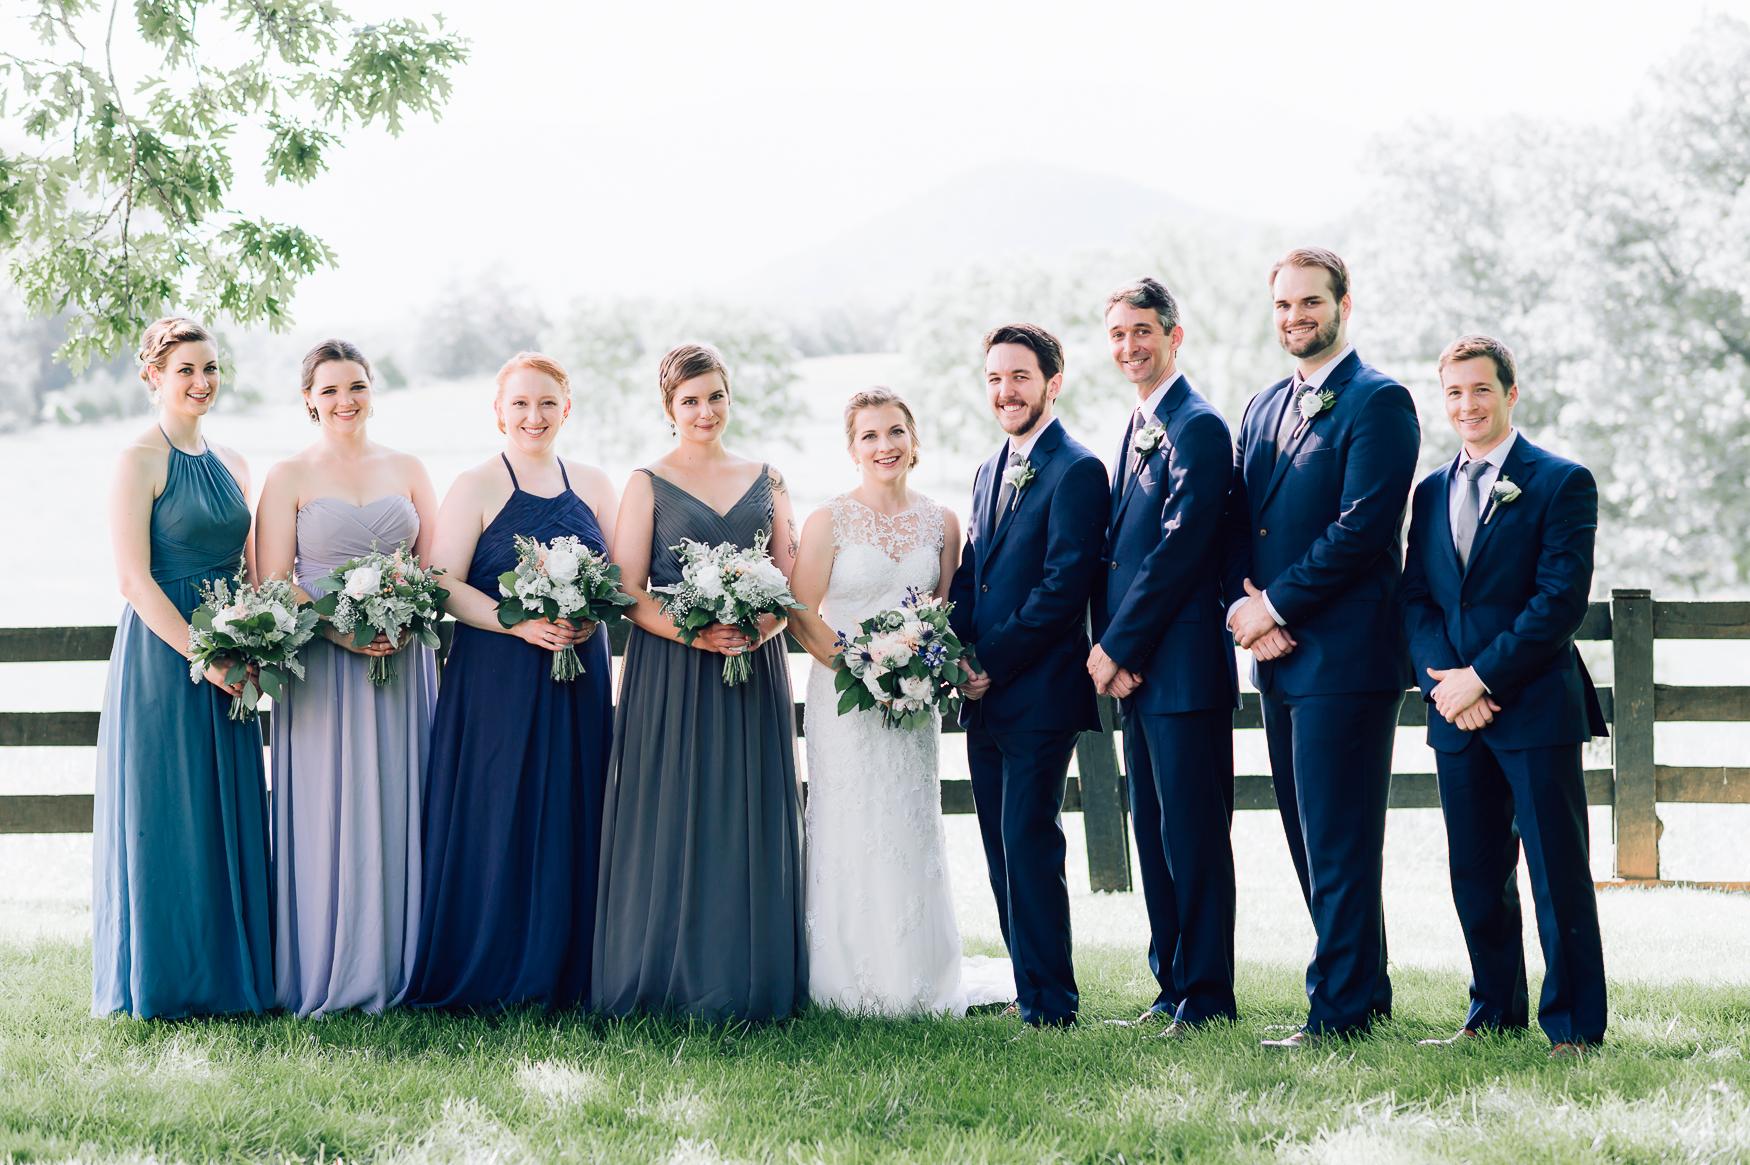 charlottesvillewedding_backyardwedding_virginia_youseephotography_CaitlinDerek (20).jpg